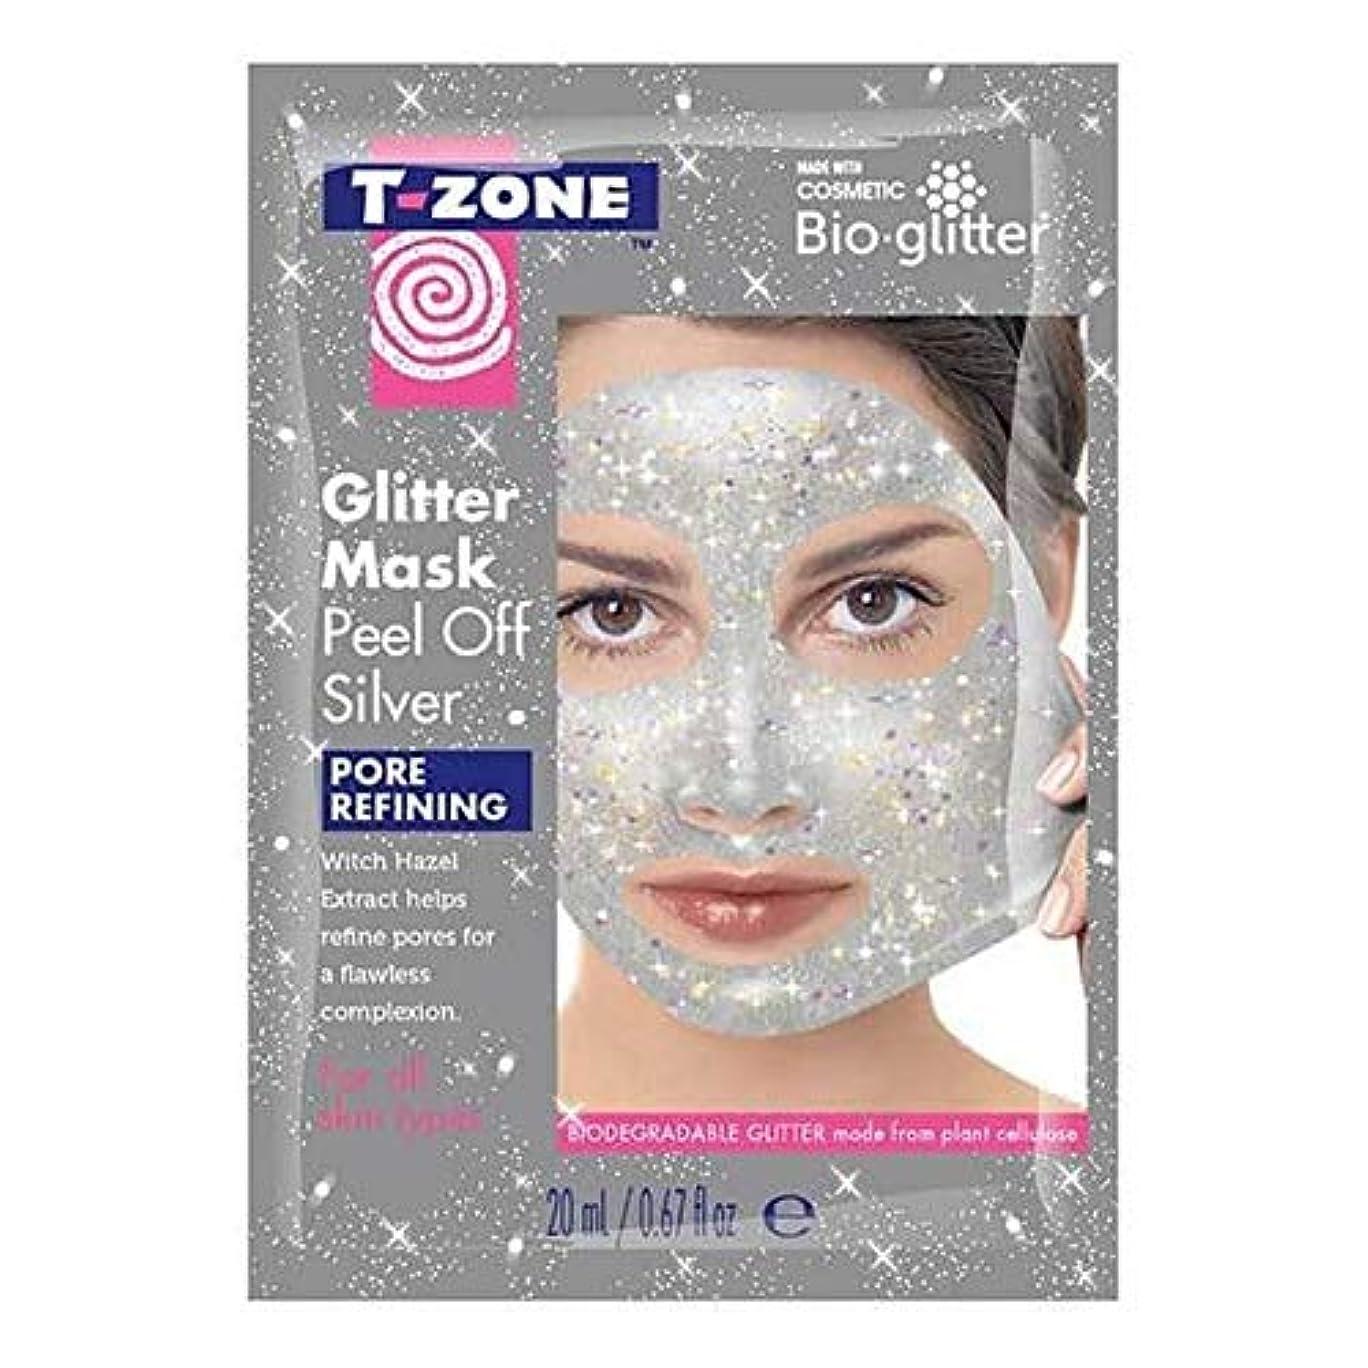 郵便局切り刻む確かな[T-Zone] Tゾーンの輝きは、マスクの銀をはがし - T-Zone Glitter Peel Off Mask Silver [並行輸入品]